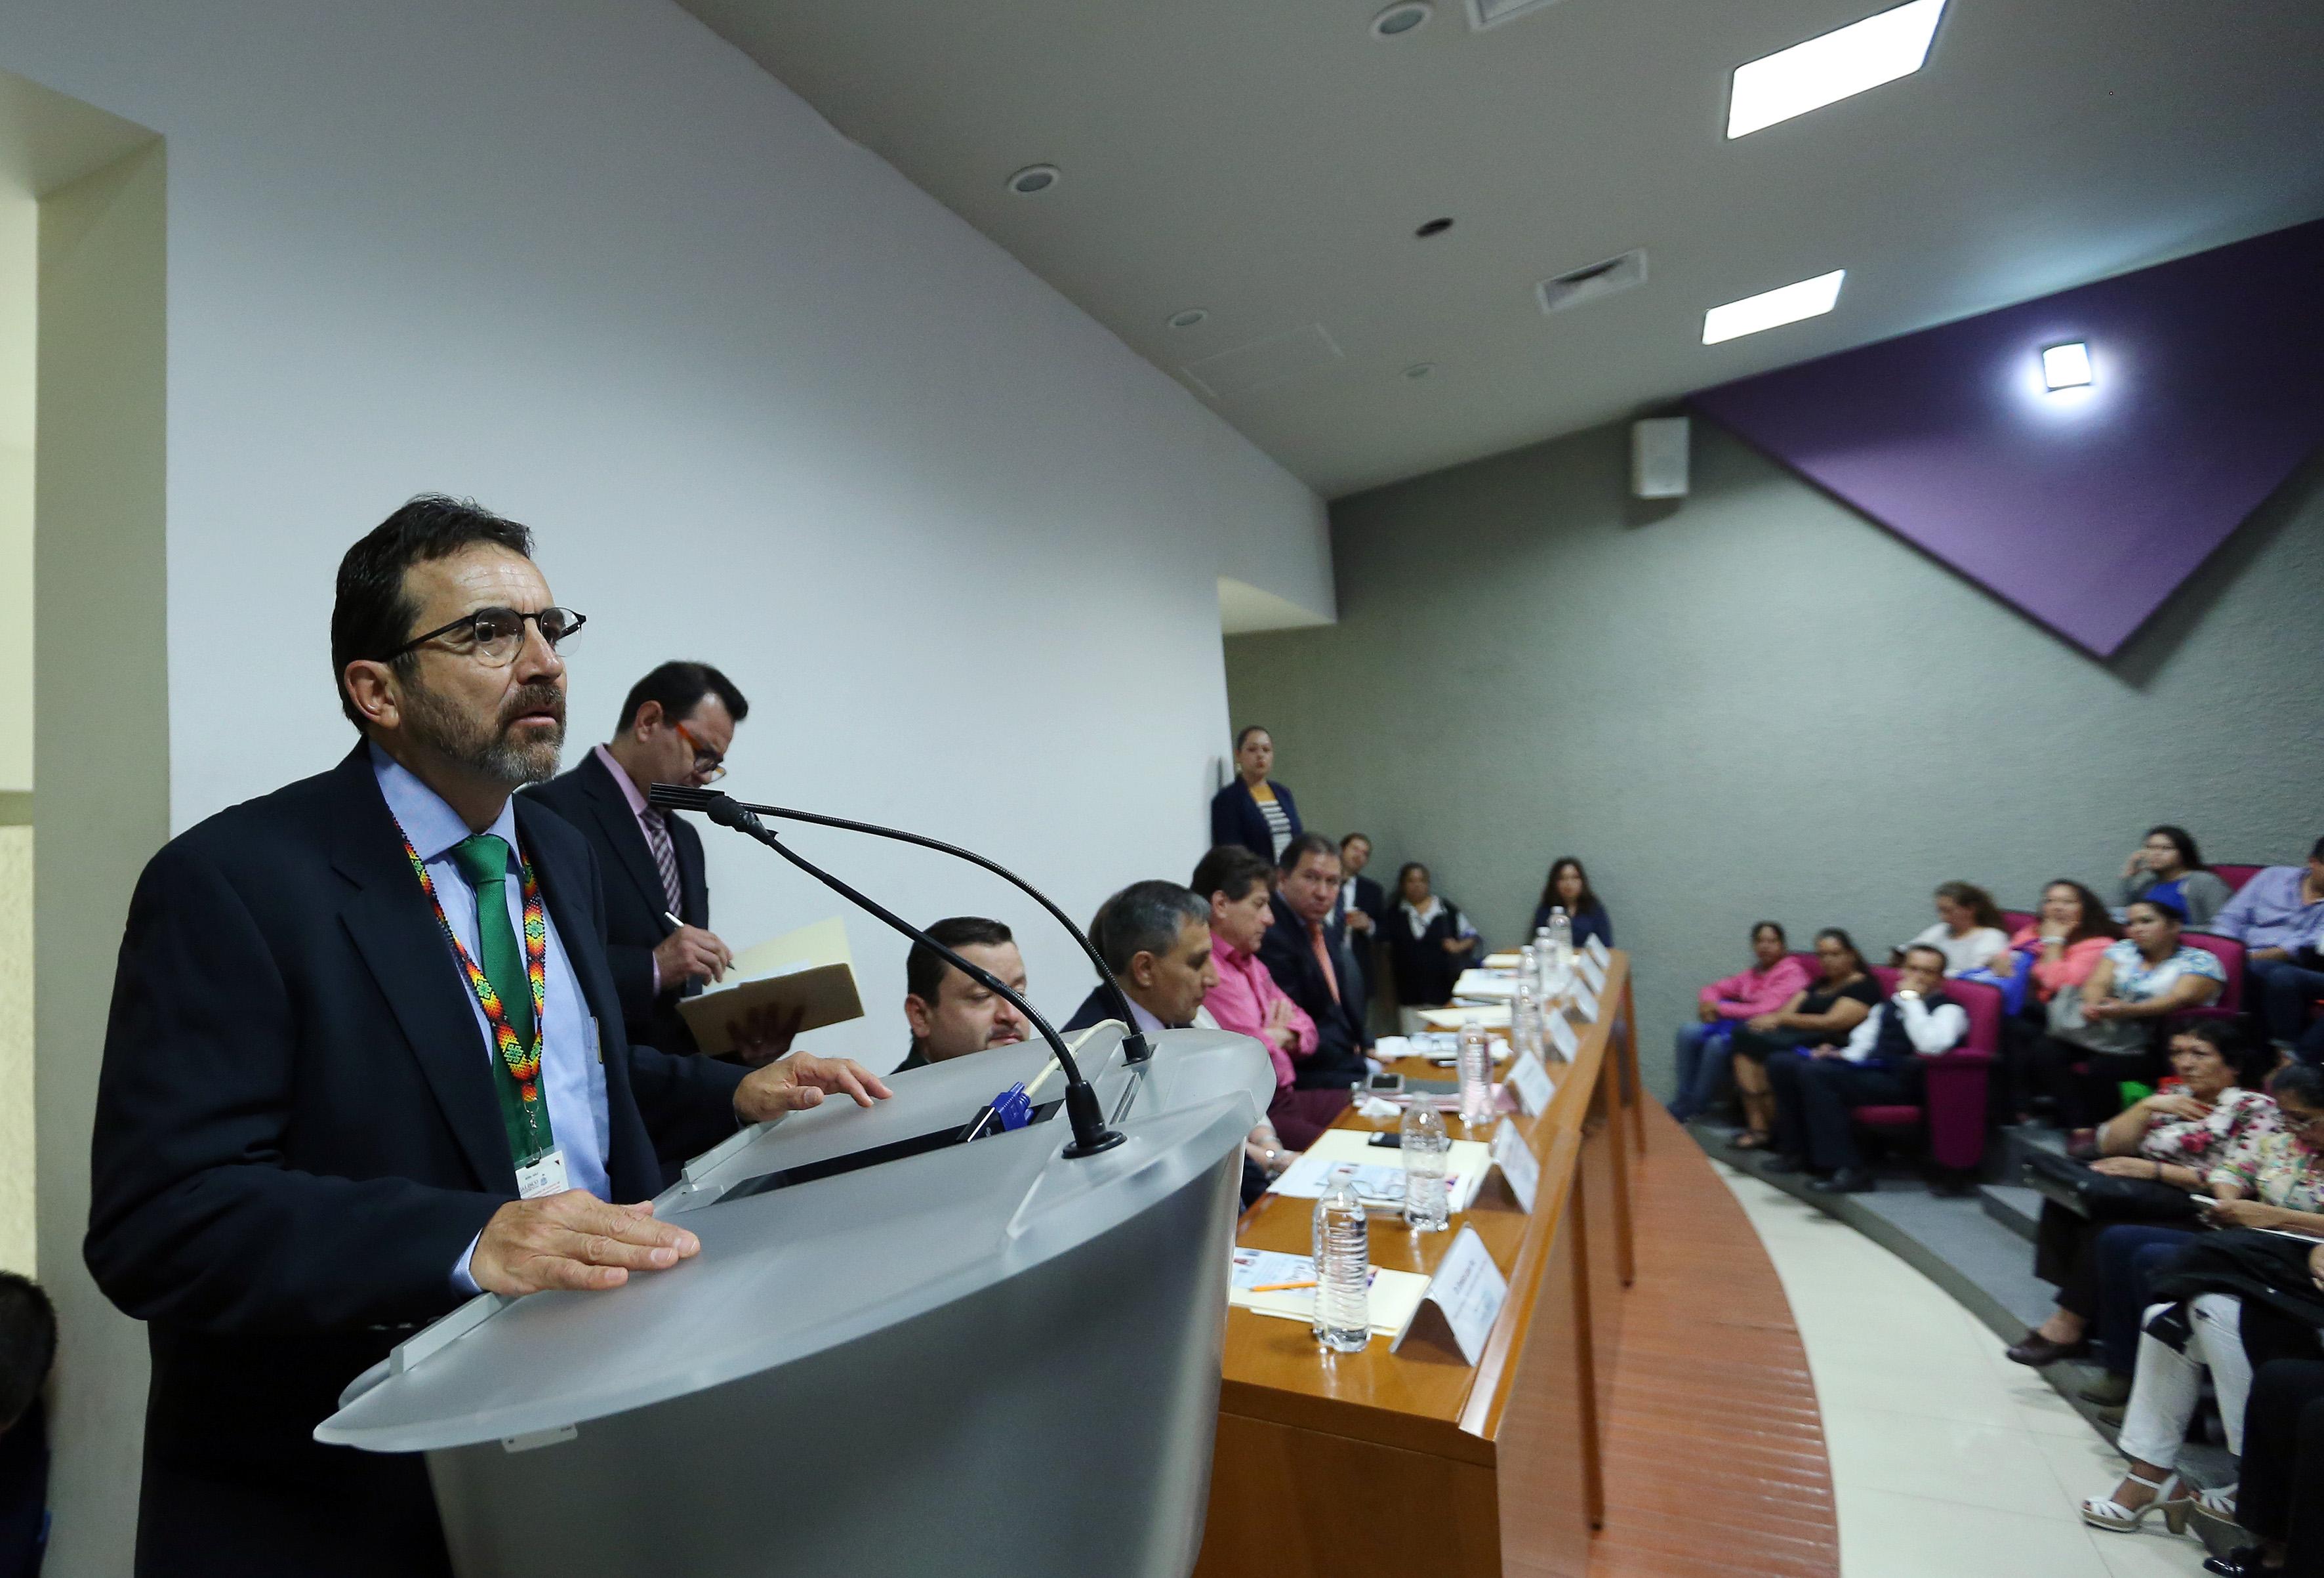 Dr Miguel Ángel Vandik haciendo uso de la voz en podium